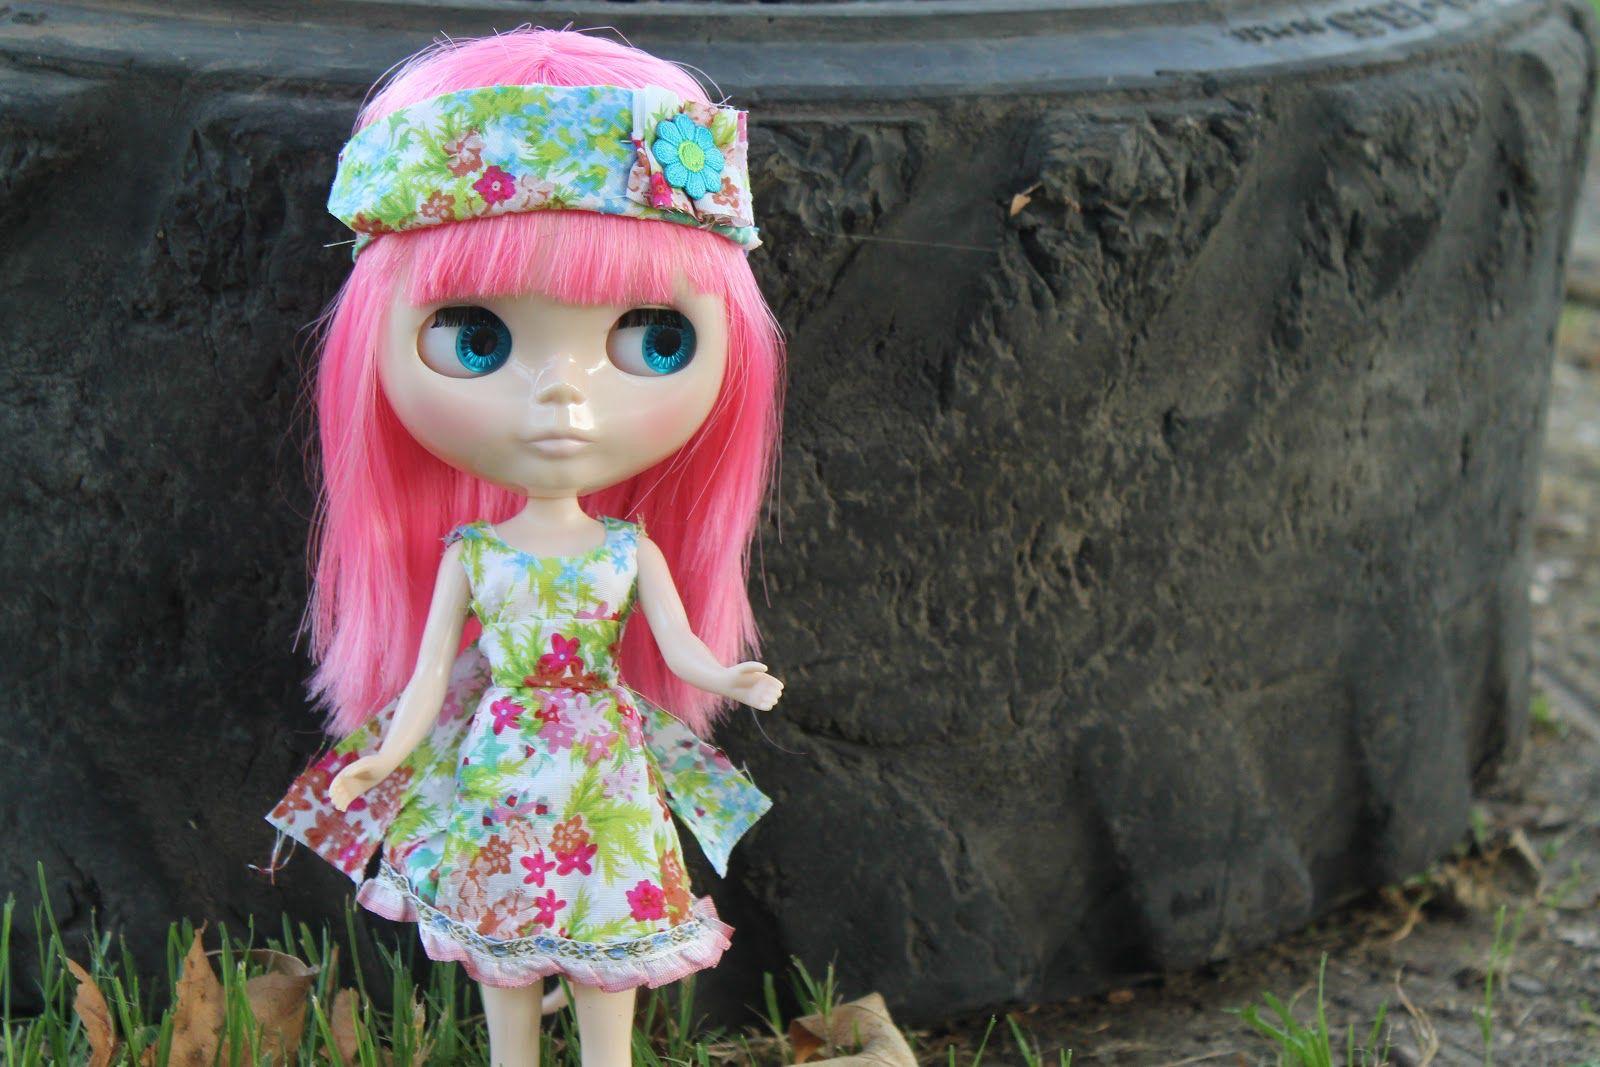 Image from http://2.bp.blogspot.com/-TPFsB9DZiYc/UXoMZvMOTzI/AAAAAAAAIzE/Vl9iyS2Sr2E/s1600/IMG_9074.JPG.